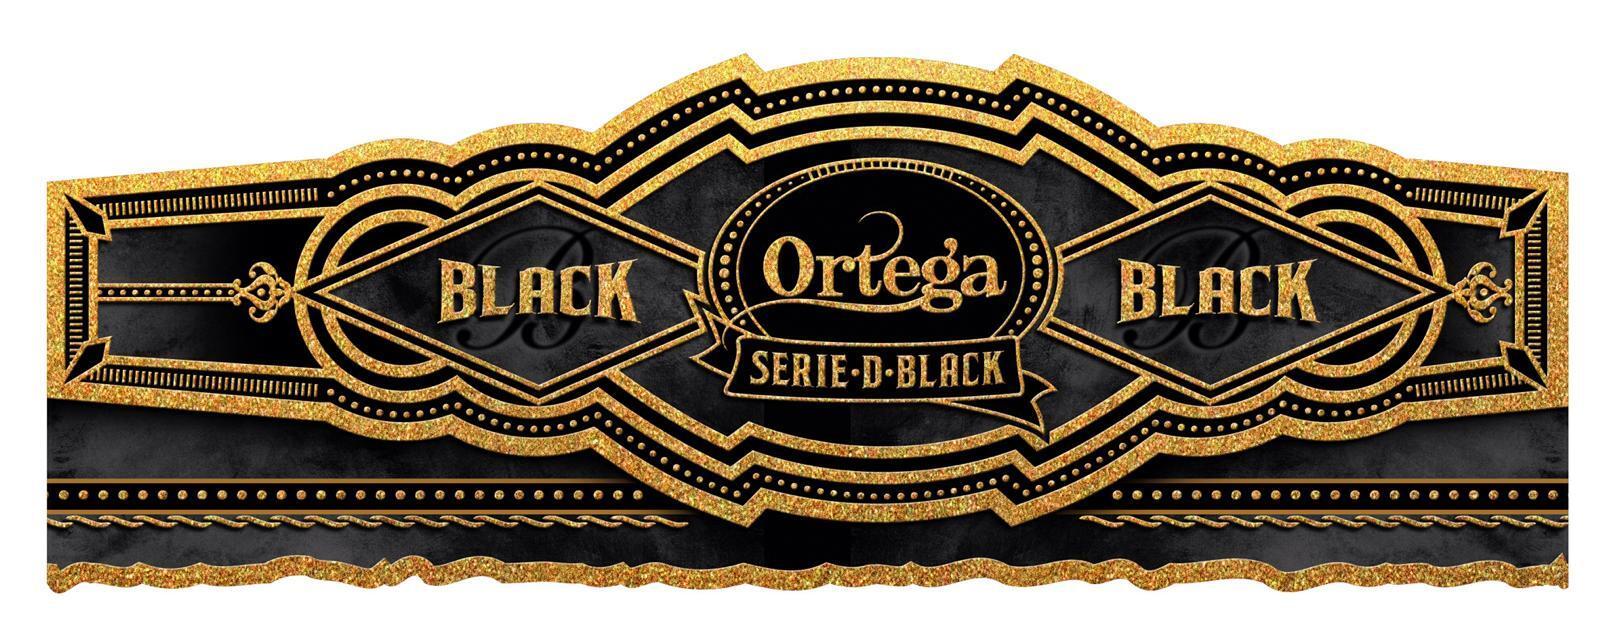 Ortega serie Black